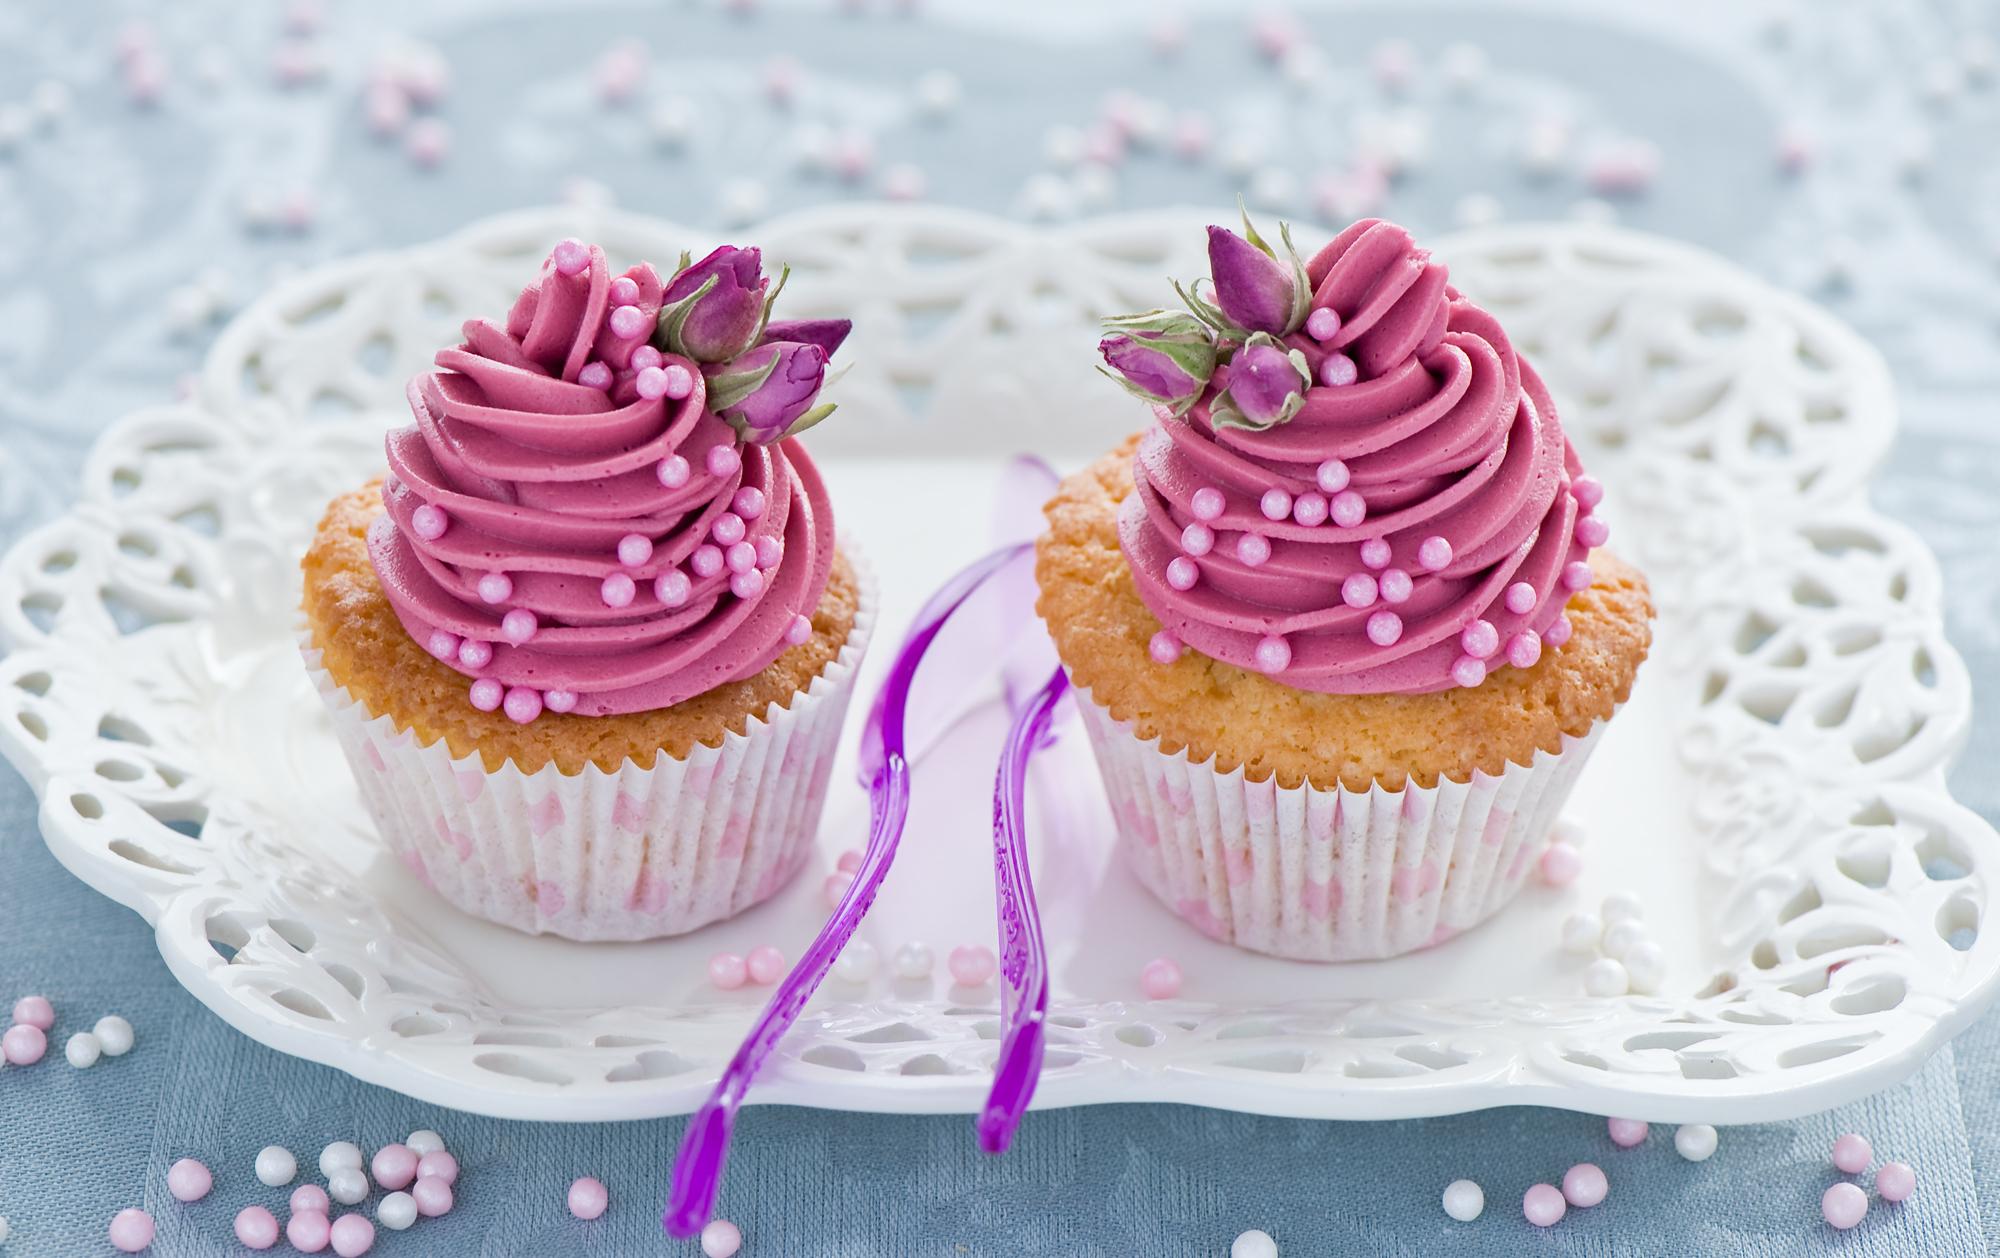 картинки пирожных и сладостей открытия состоится